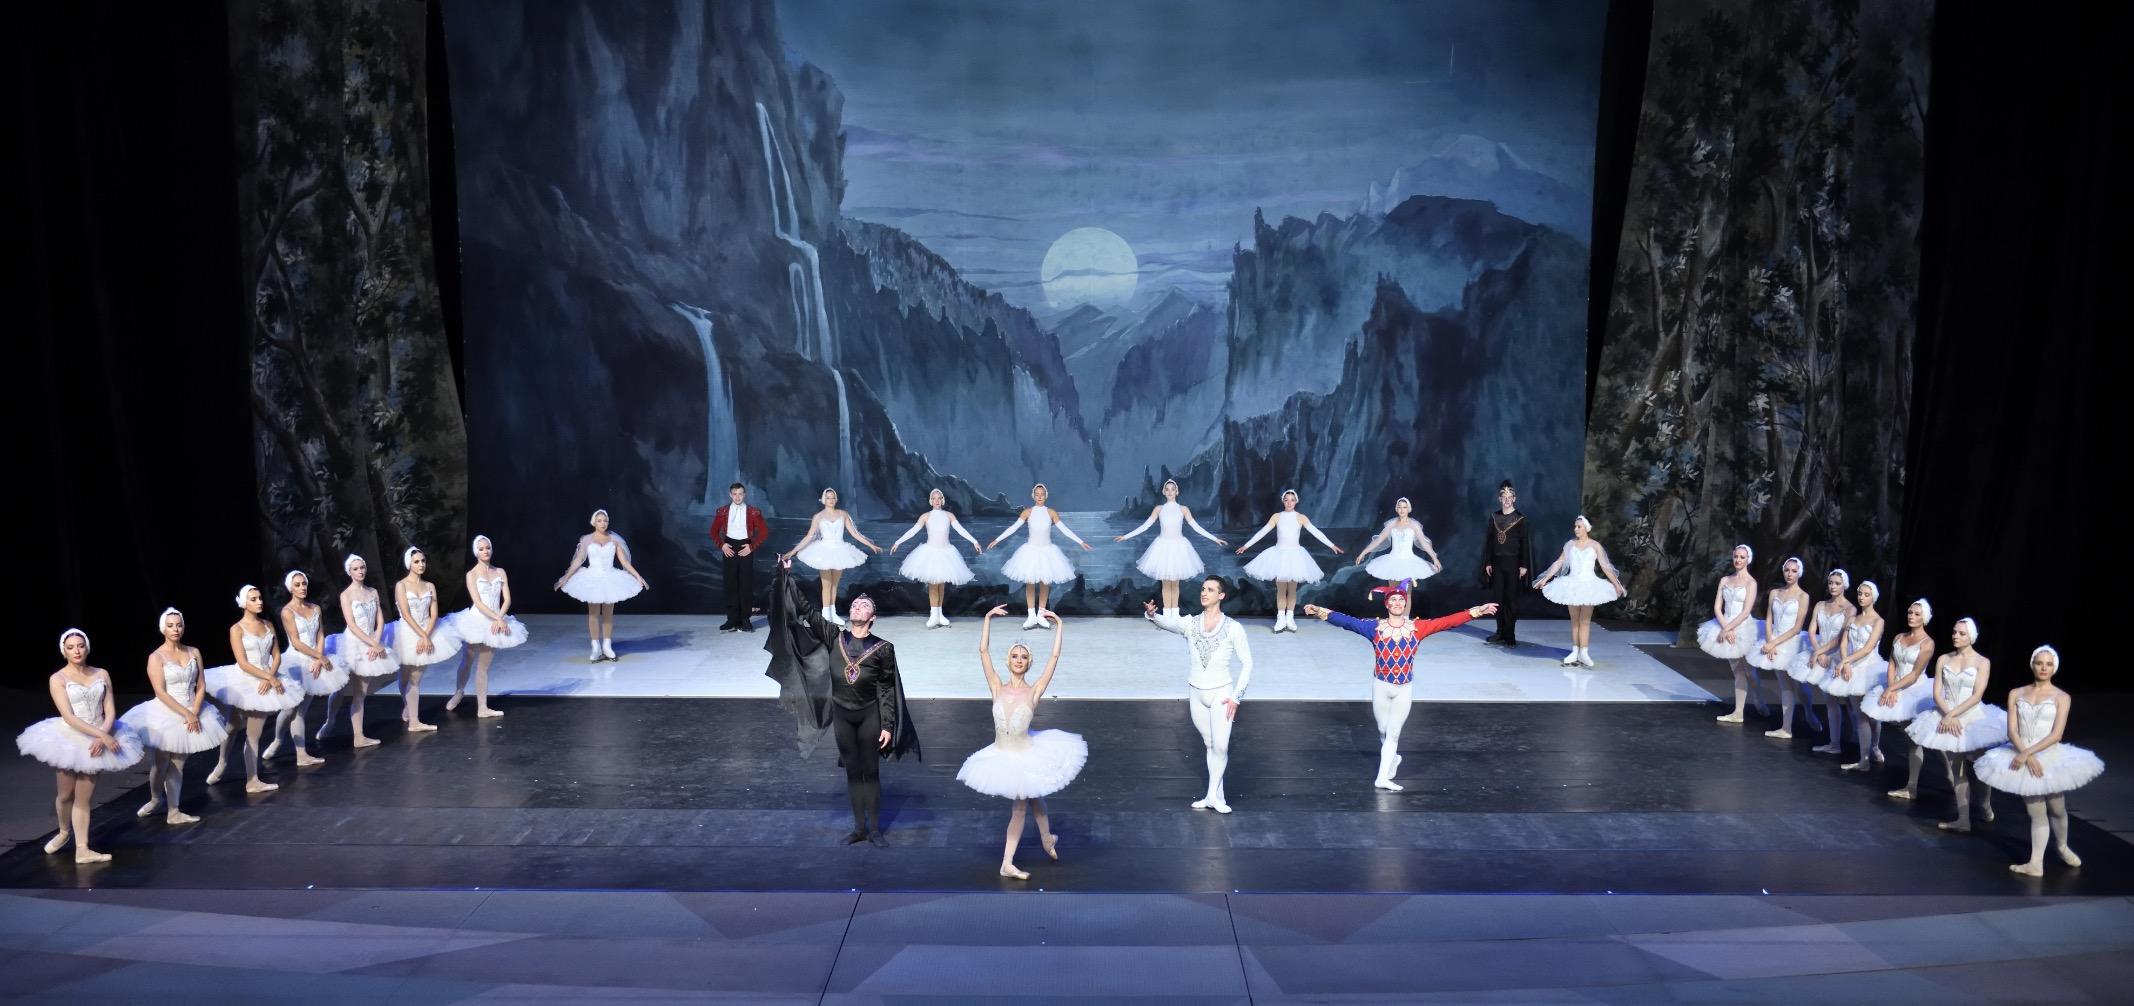 全球首创冰舞芭蕾《天鹅湖》汉秀剧场盛大开演